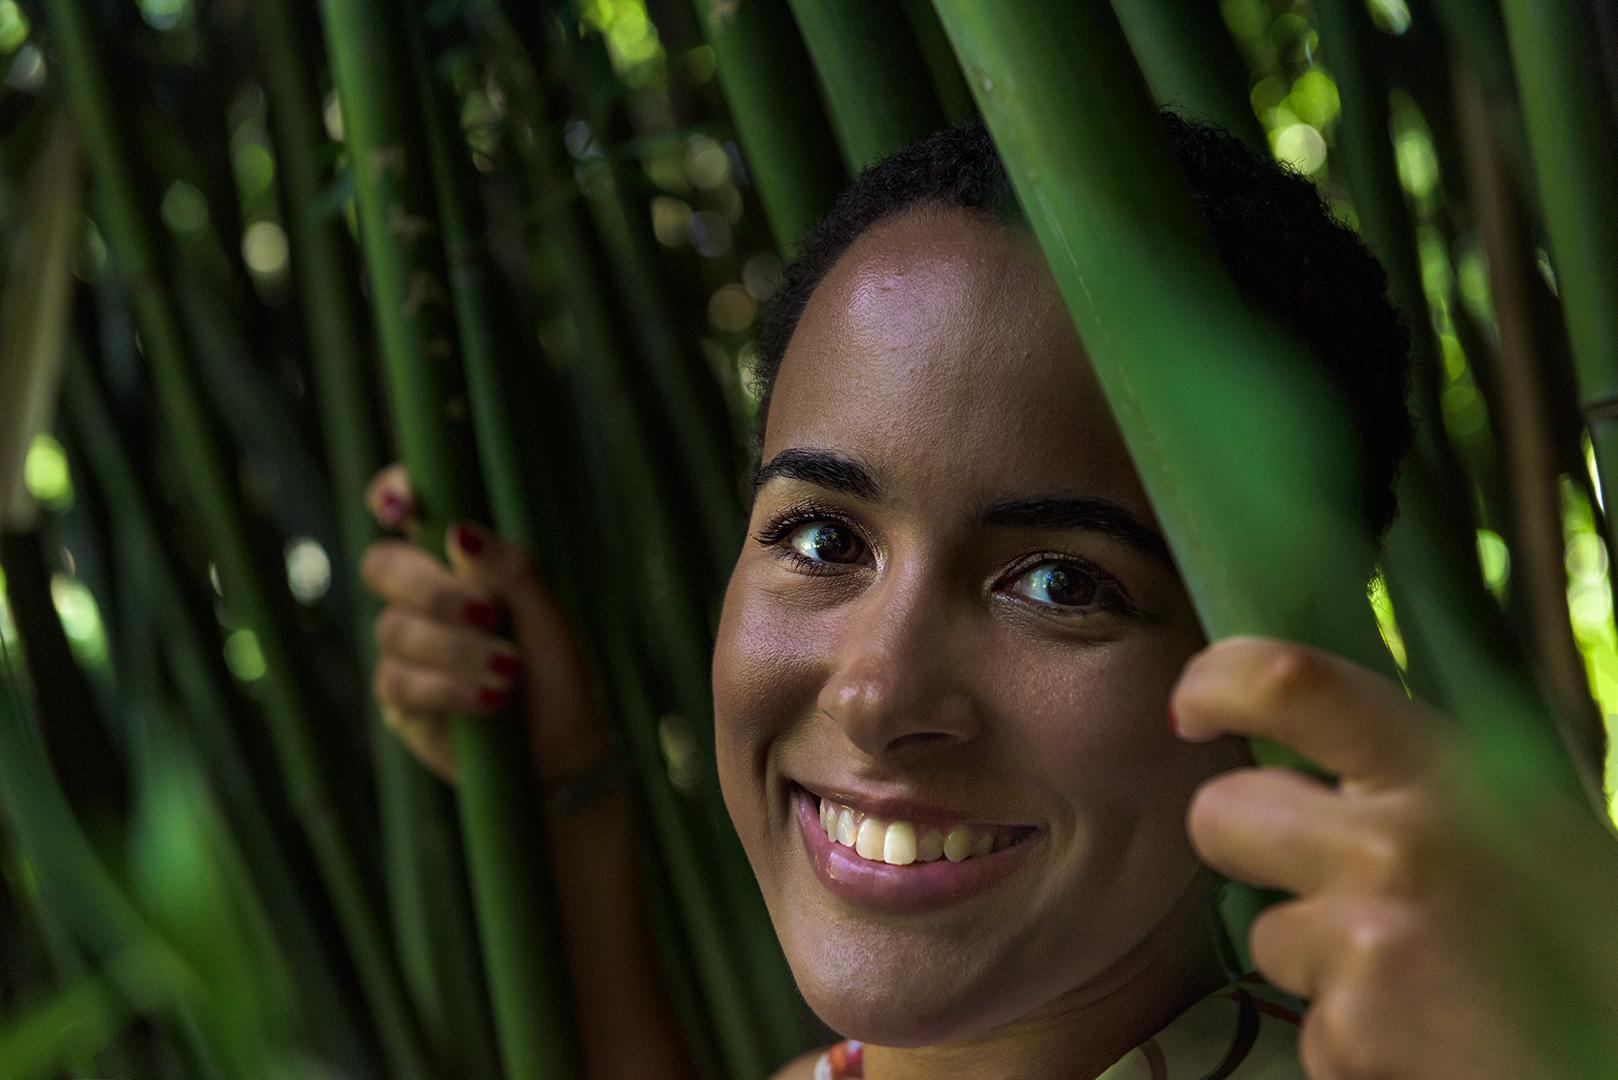 Juanita im Bambus